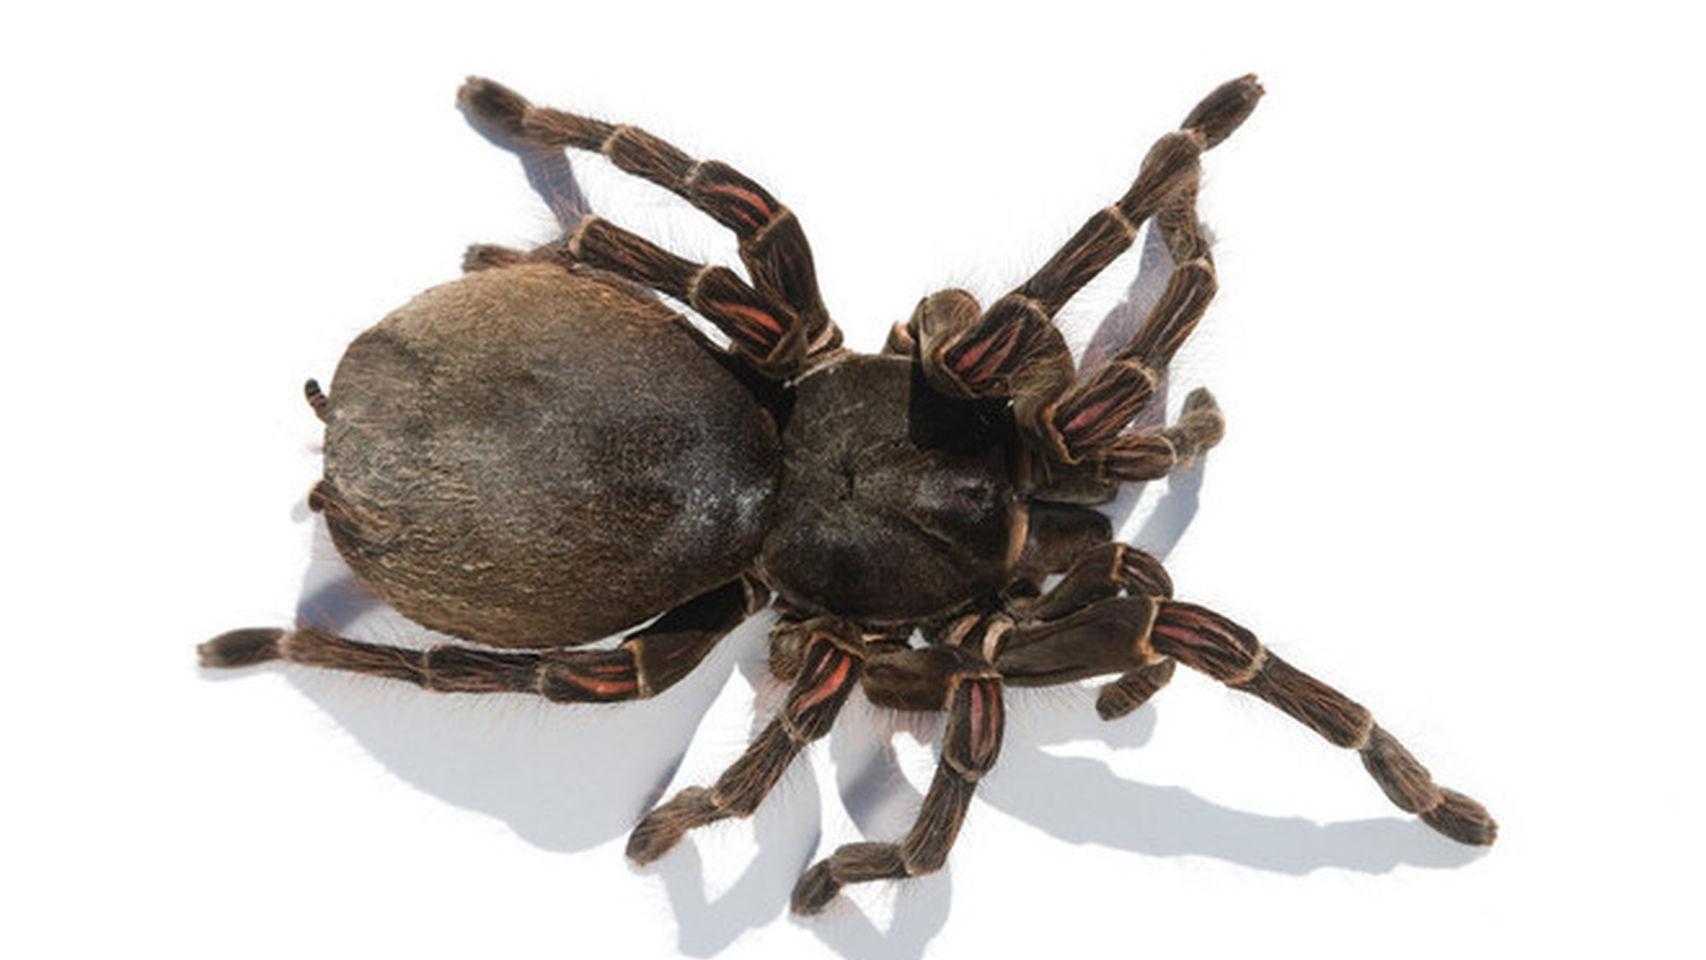 La araña más grande